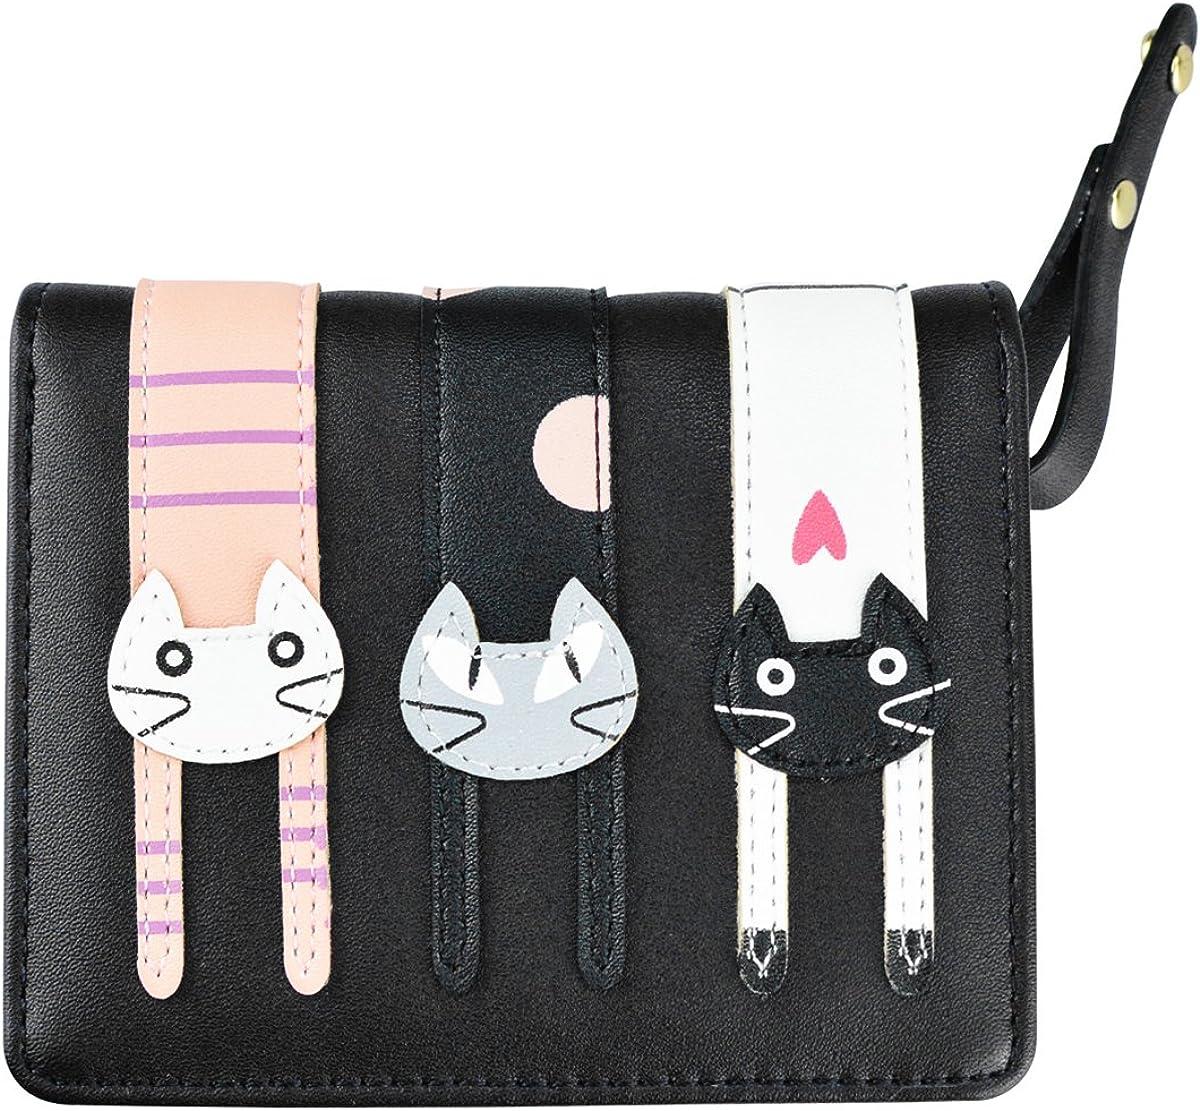 Girl's Short Cute Cat Purse Buckle Small Cartoon Zipper Wallet Very Chicago Mall popular